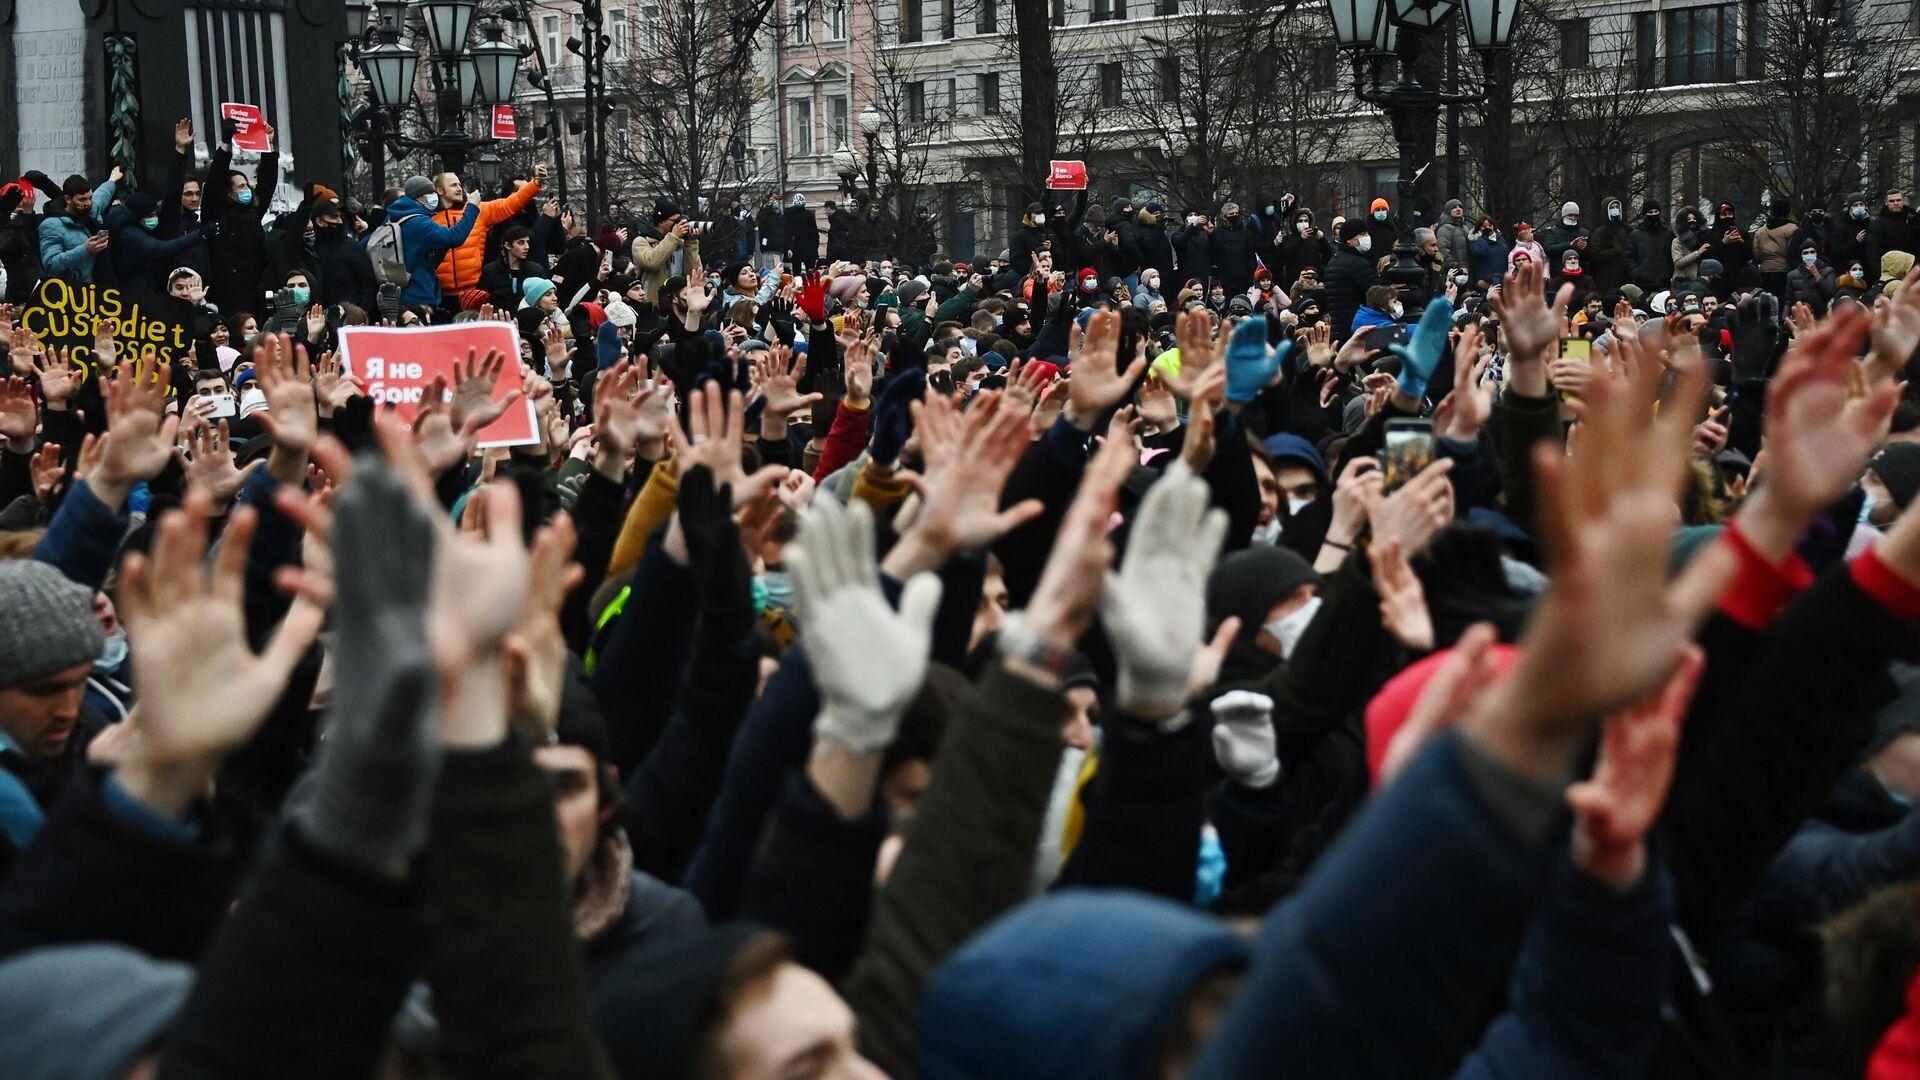 Участники несанкционированной акции сторонников Алексея Навального на Пушкинской площади в Москве - РИА Новости, 1920, 25.01.2021